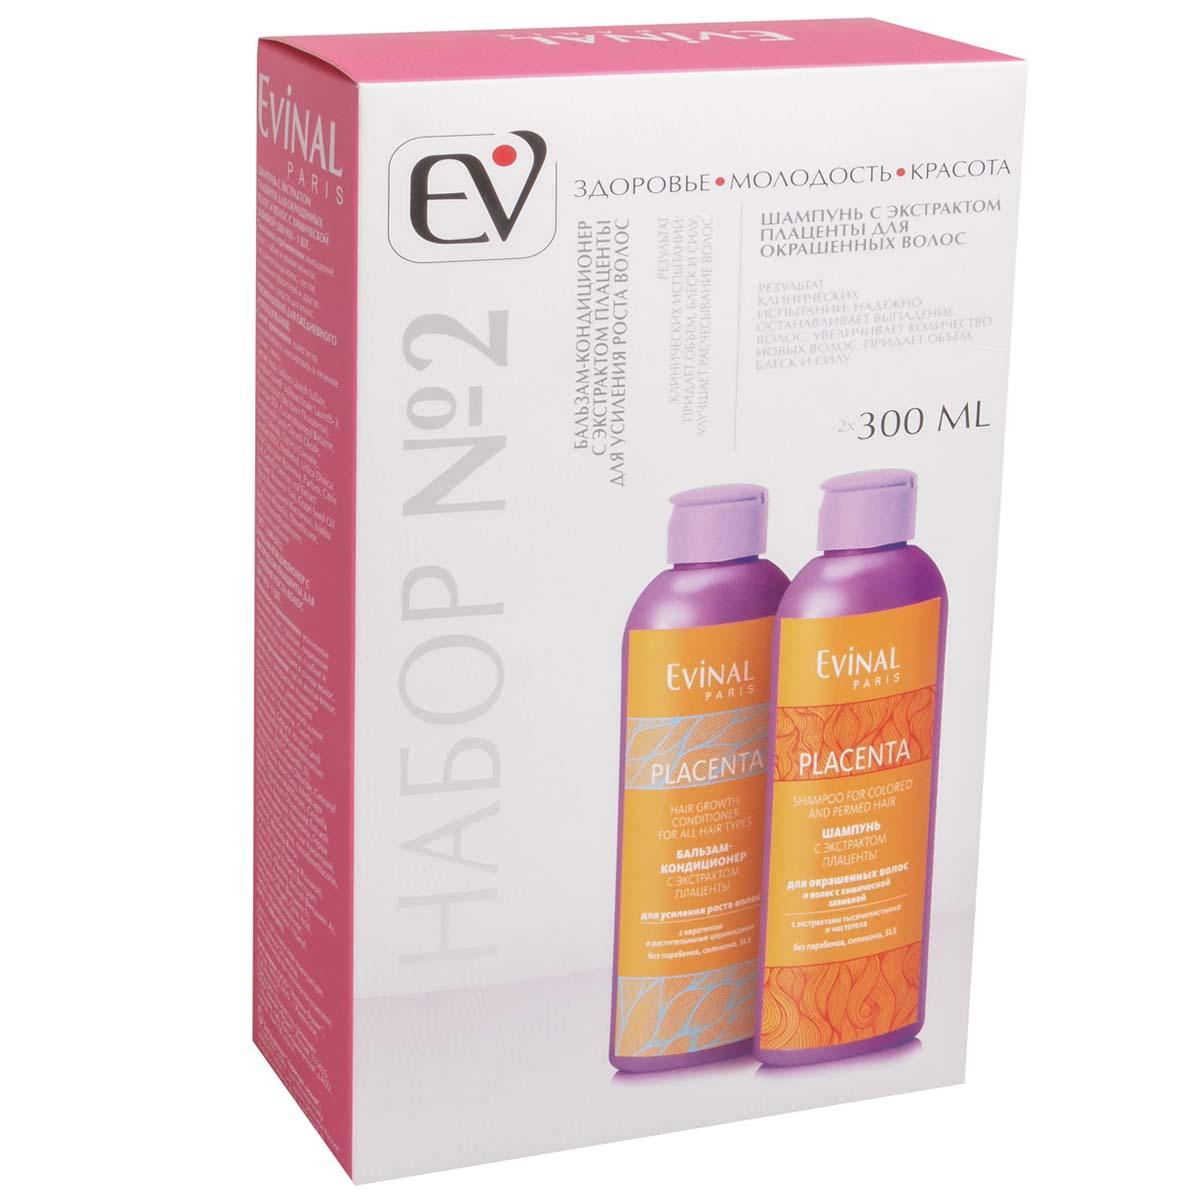 Подарочный набор Evinal №2 : Шампунь с экстрактом плаценты для окрашенных волос и волос с химической завивкой, 300мл.+Бальзам-кондиционер с экстрактом плаценты для усиления роста, 300мл.SC-FM20104Подарочный набор №2 (Шампунь с экстрактом плаценты для окрашенных волос и волос с химической завивкой 300мл.+Бальзам-кондиционер с экстрактом плаценты для усиления роста 300мл. ) в коробке. Состоит из: шампуня с экстрактом плаценты для окрашенных волос и волос с химической завивкой и бальзама-кондиционера с экстрактом плаценты для усиления роста волос. ШАМПУНЬ С ЭКСТРАКТОМ ПЛАЦЕНТЫ ДЛЯ ОКРАШЕННЫХ ВОЛОС И ВОЛОС С ХИМИЧЕСКОЙ ЗАВИВКОЙ-Показания к применению: выпадение волос, слабые и ломкие волосы, секущиеся концы волос. Частое применение красителей и других химических средств для волос.Результат клинических испытаний: шампунь надежно останавливает выпадение волос в 83% случаев, усиливает рост новых волос до 3см за 60дней применения шампуня в 90% случаев, придает объем блеск и силу в 100% случаев. БАЛЬЗАМ-КОНДИЦИОНЕР С ЭКСТРАКТОМ ПЛАЦЕНТЫ ДЛЯ УСИЛЕНИЯ РОСТА ВОЛОС-Показания к применению: усиленное выпадение волос, тусклые лишенные жизненного блеска волосы, слабые и ломкие волосы, секущиеся концы.Результат клинических испытаний: Надежно останавливает выпадение волос, увеличивает количество новых растущих волос, придает объем, блеск и силу, улучшает расчесывание волос. Рекомендован для ежедневного использования. Максимальный эффект достигается при совместном использовании шампуня и бальзама на плаценте в течение 60 дней. Срок годности 24 месяца.